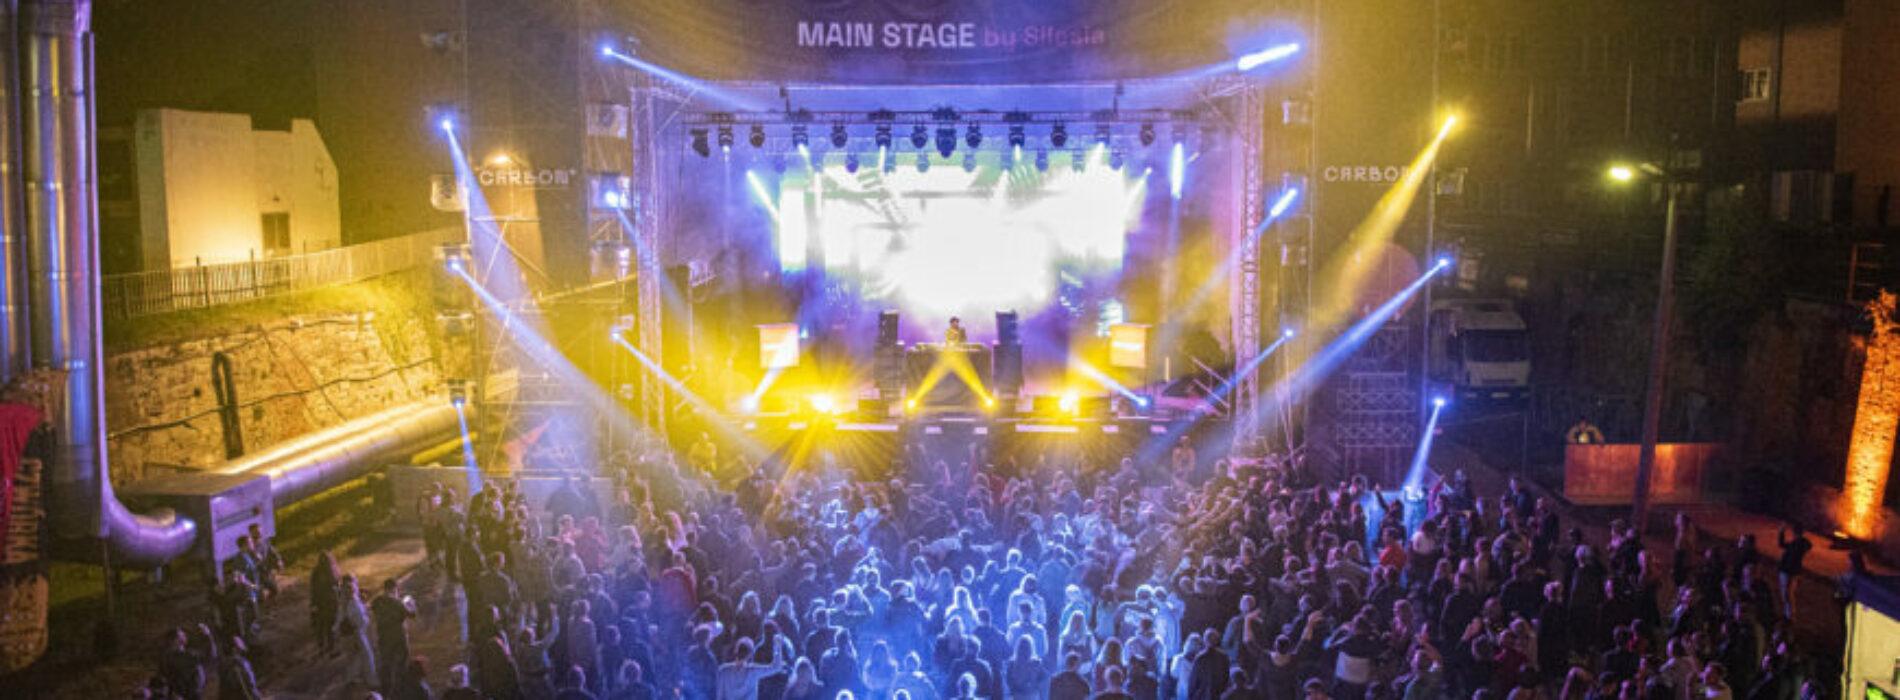 Carbon Silesia Festiwal – najlepsi twórcy muzyki elektronicznej zagrali w Zabrzu